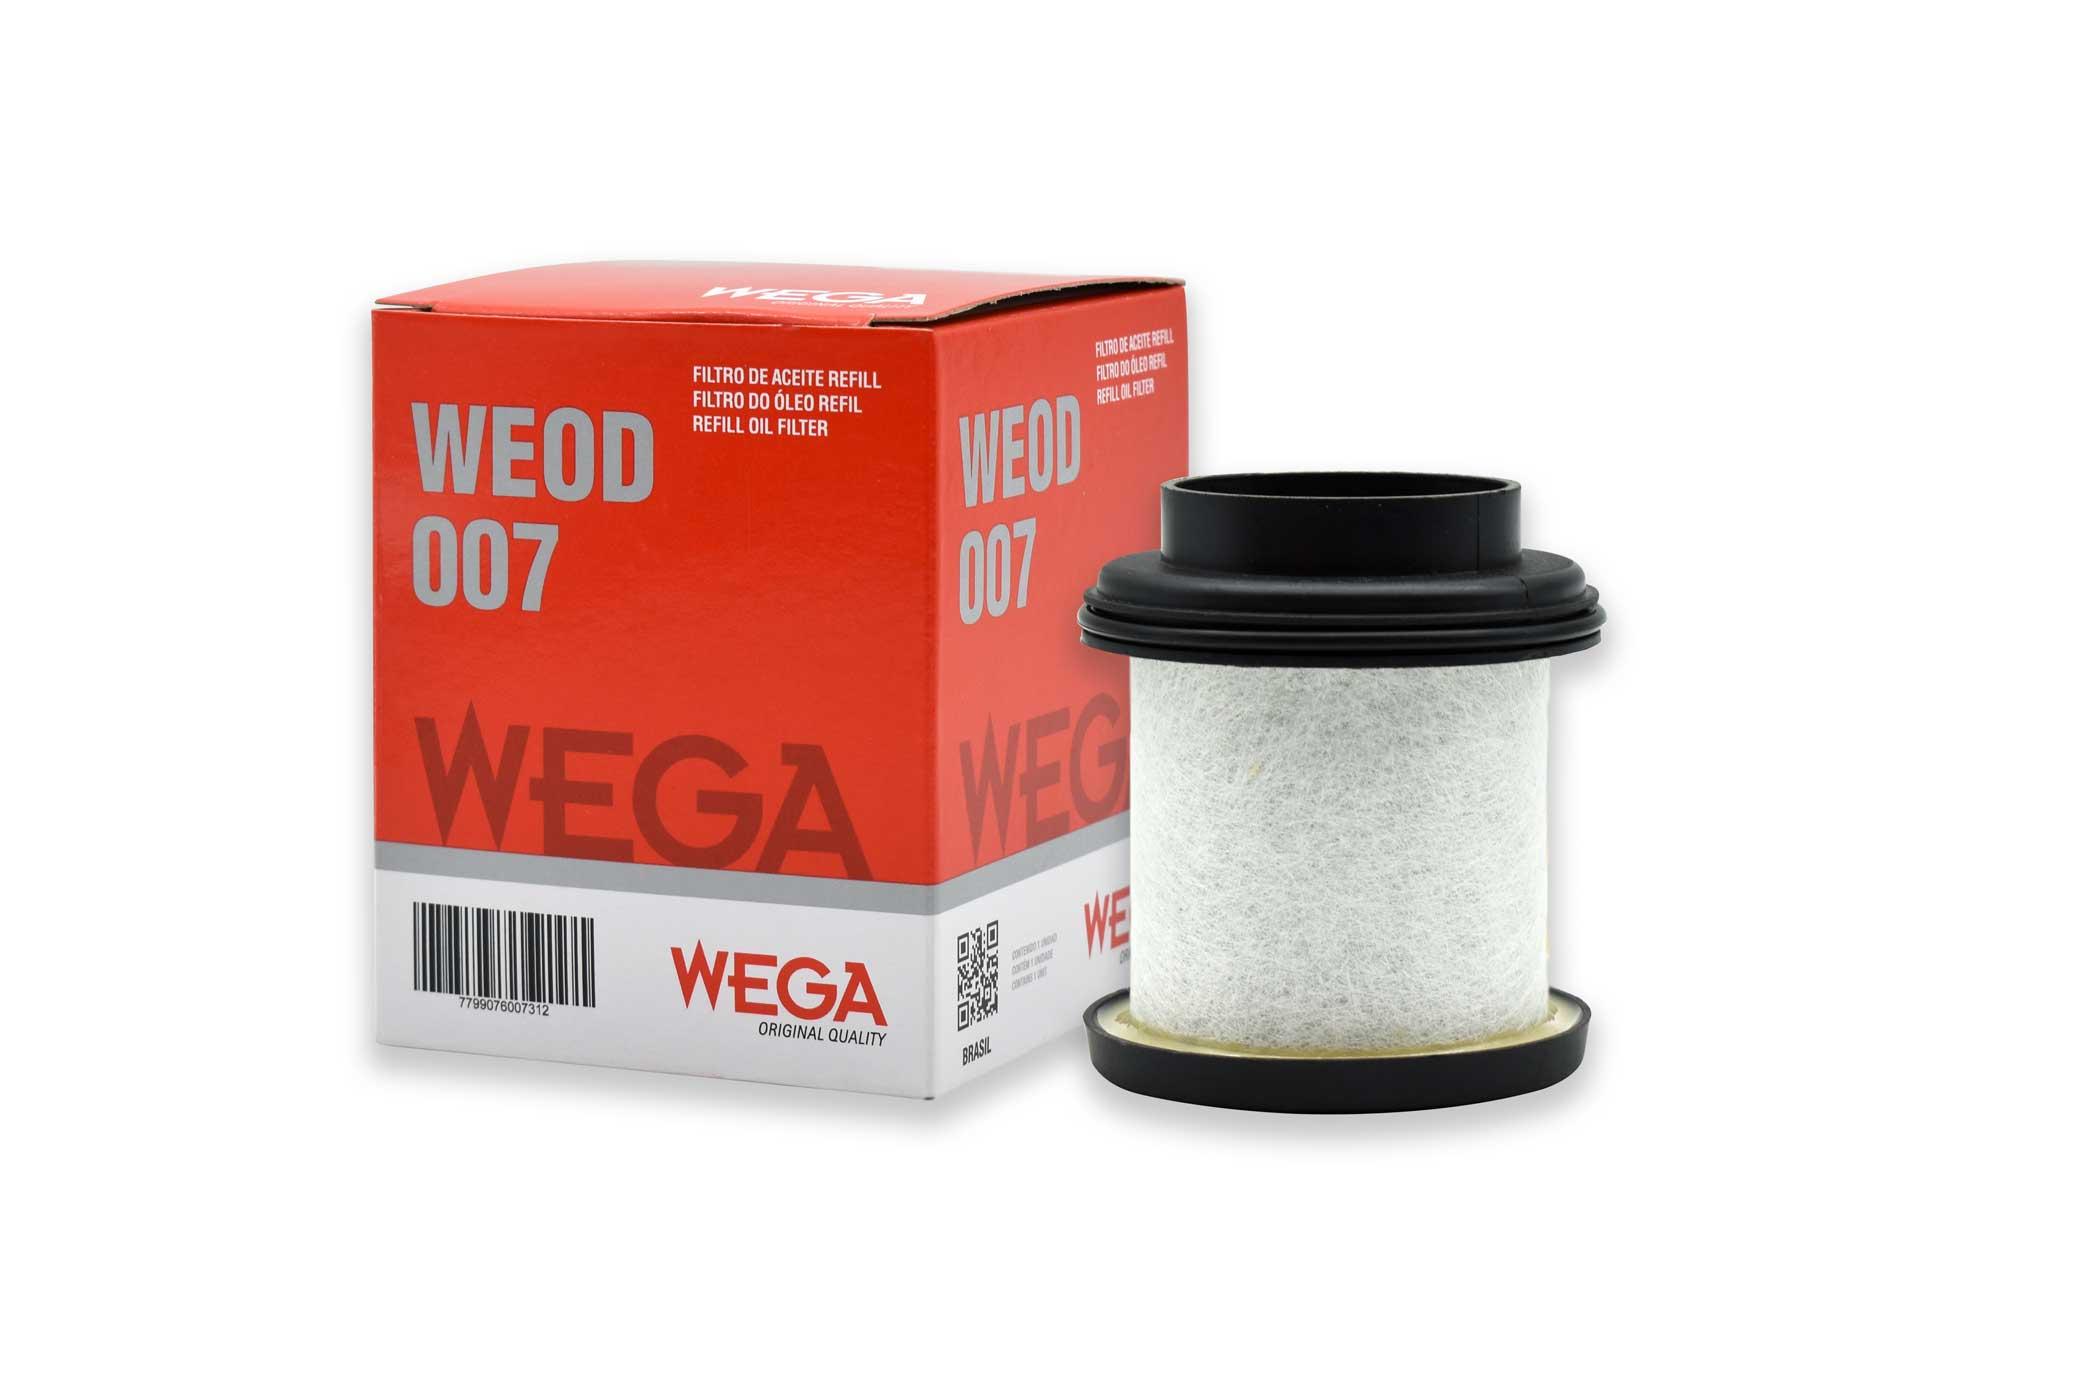 Código: WEOD-007